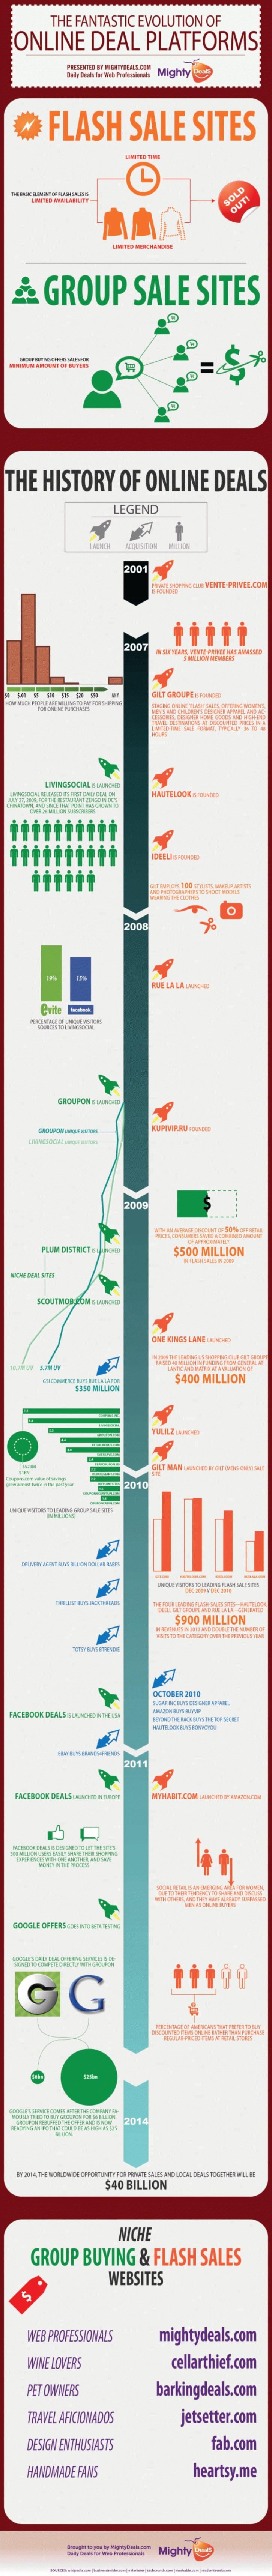 The fantastic evolution of online deal platforms